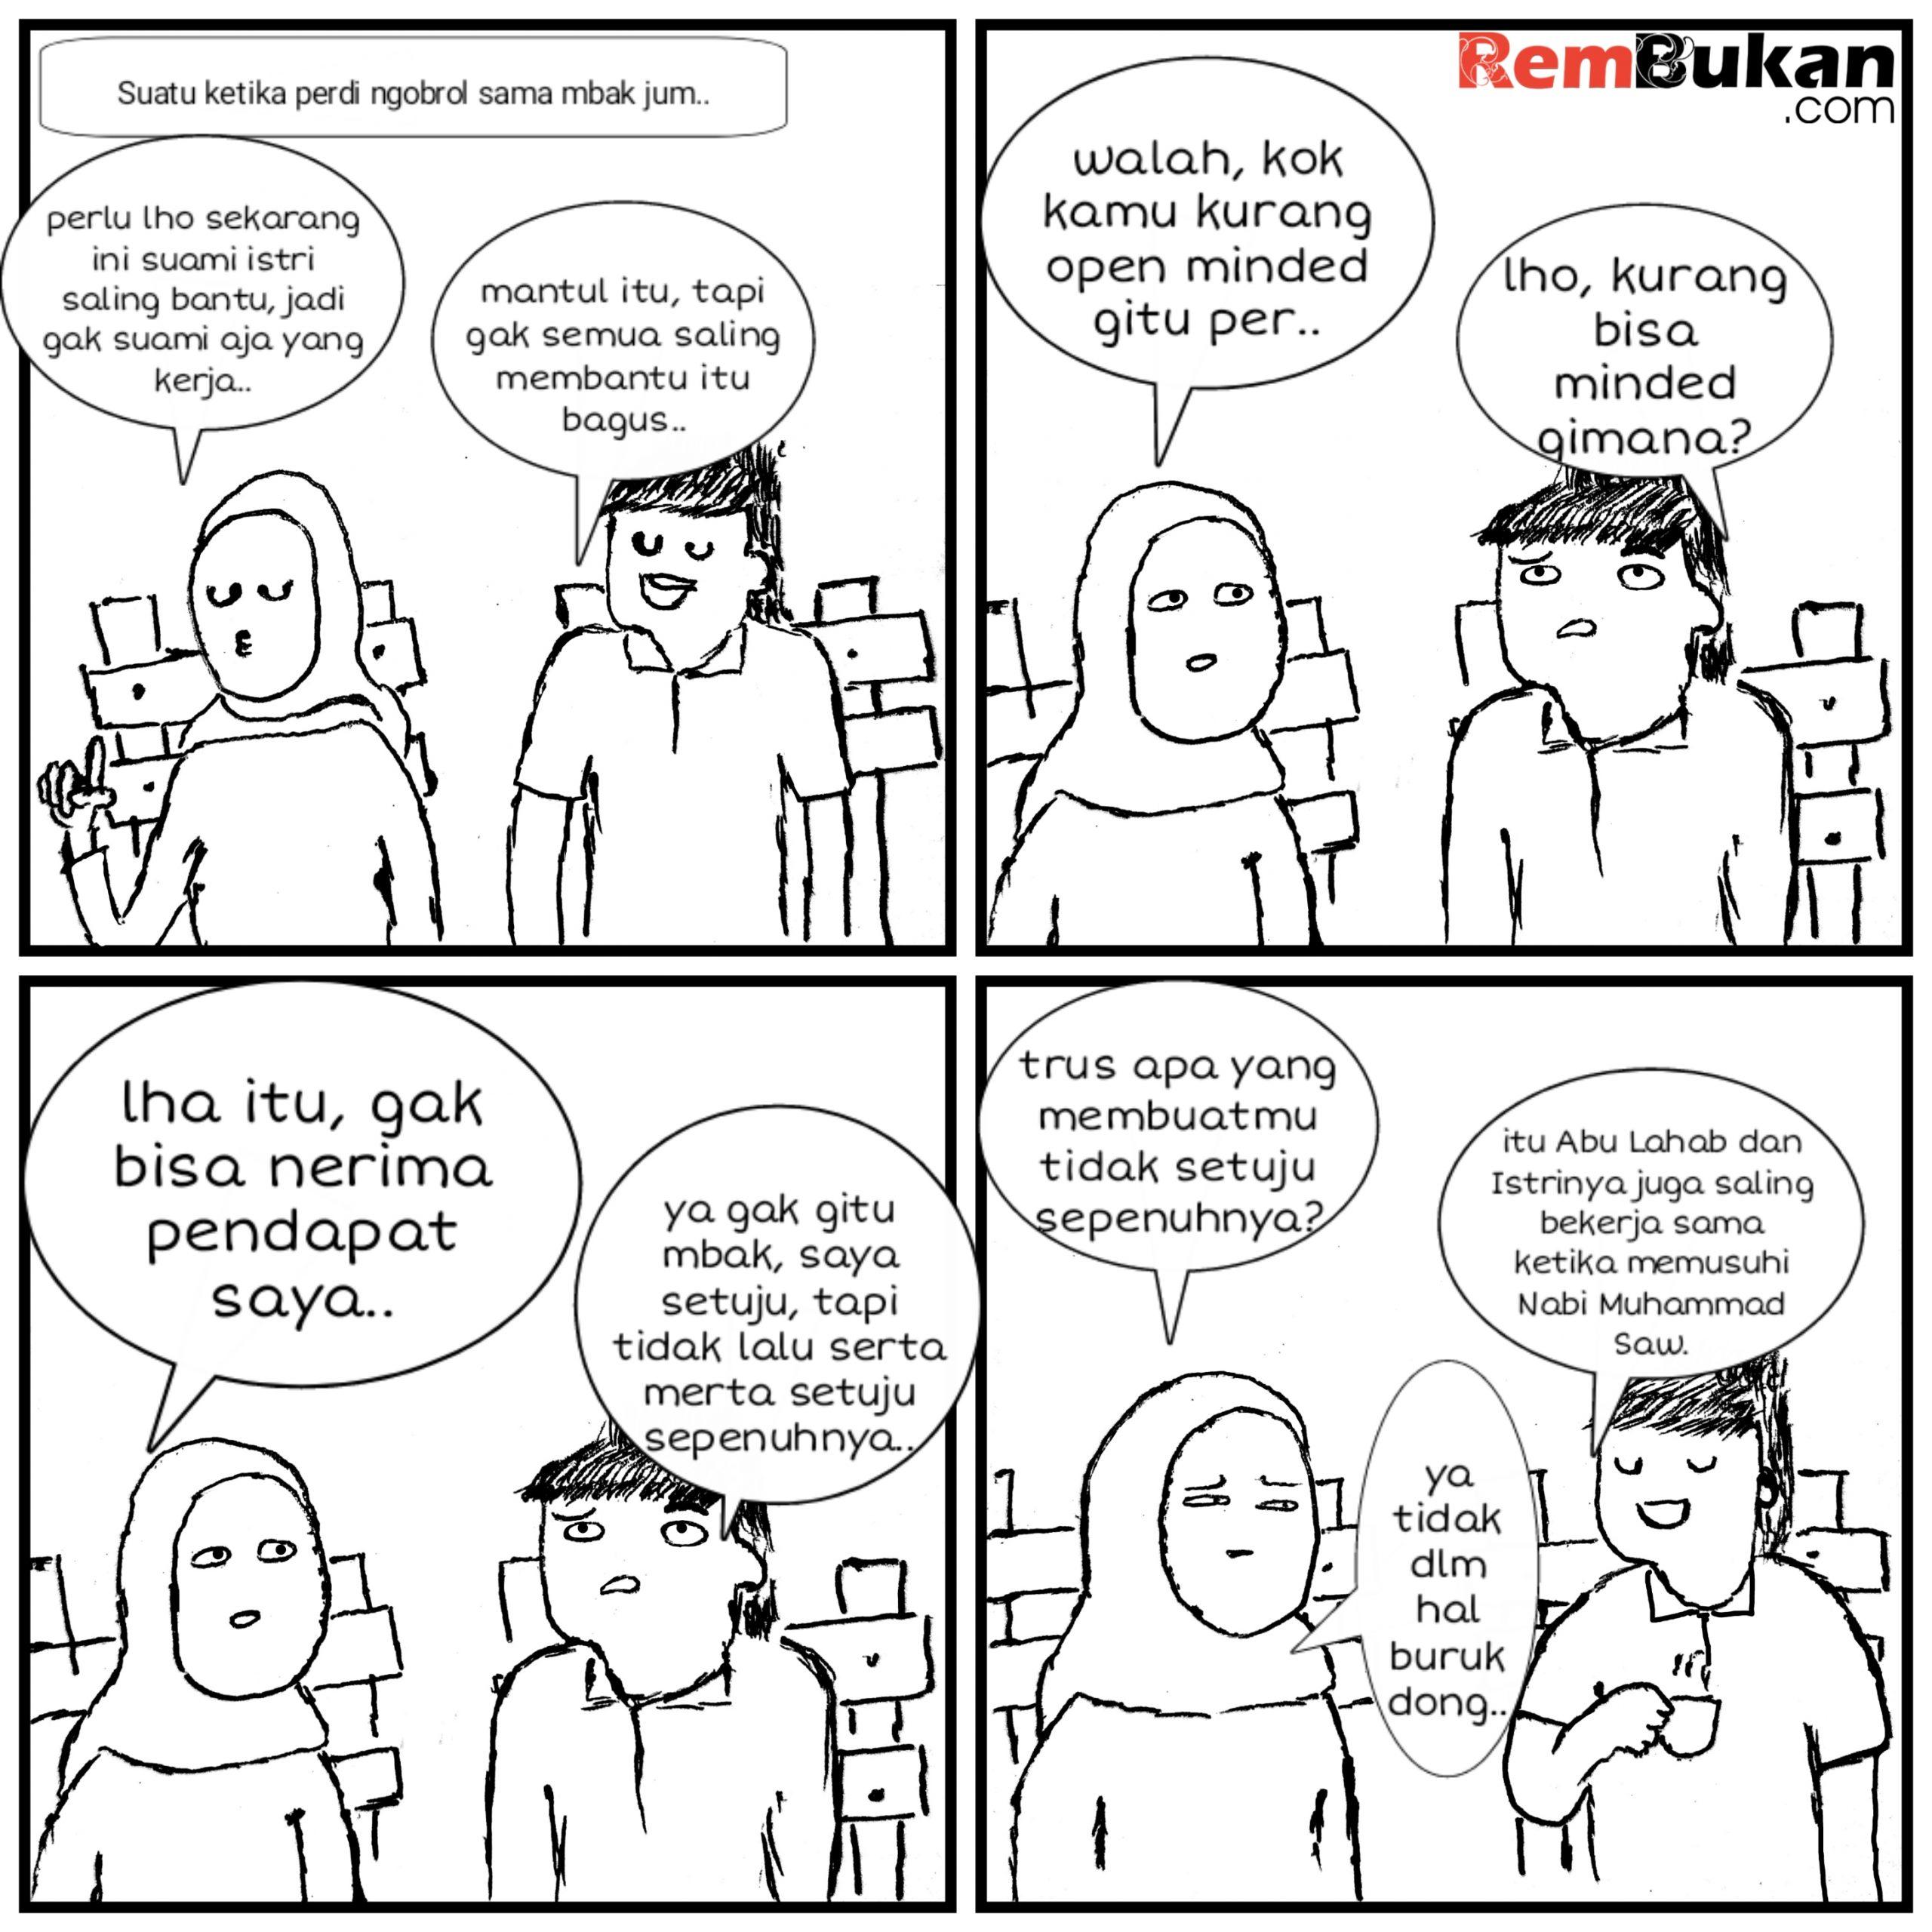 Suami istri yang saling bantu membantu